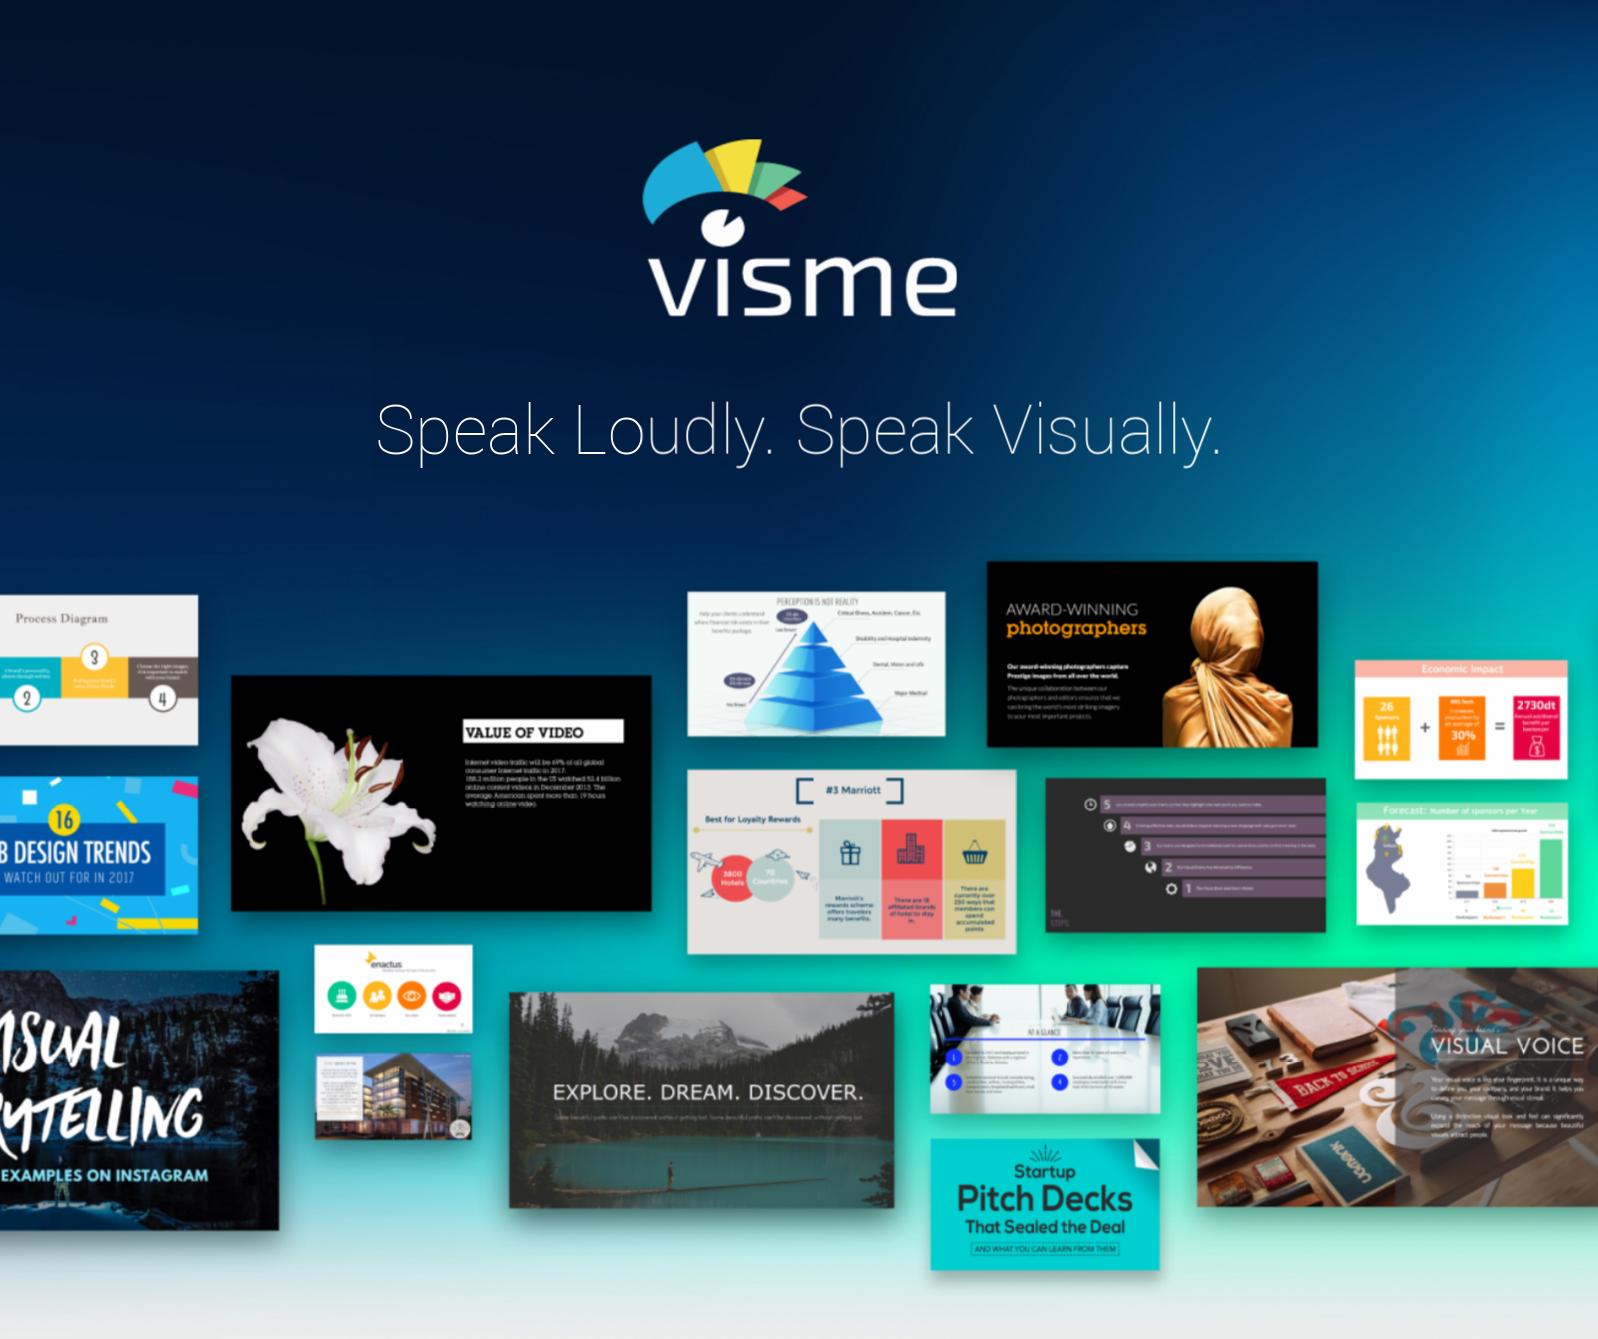 Get Visme License Key Now